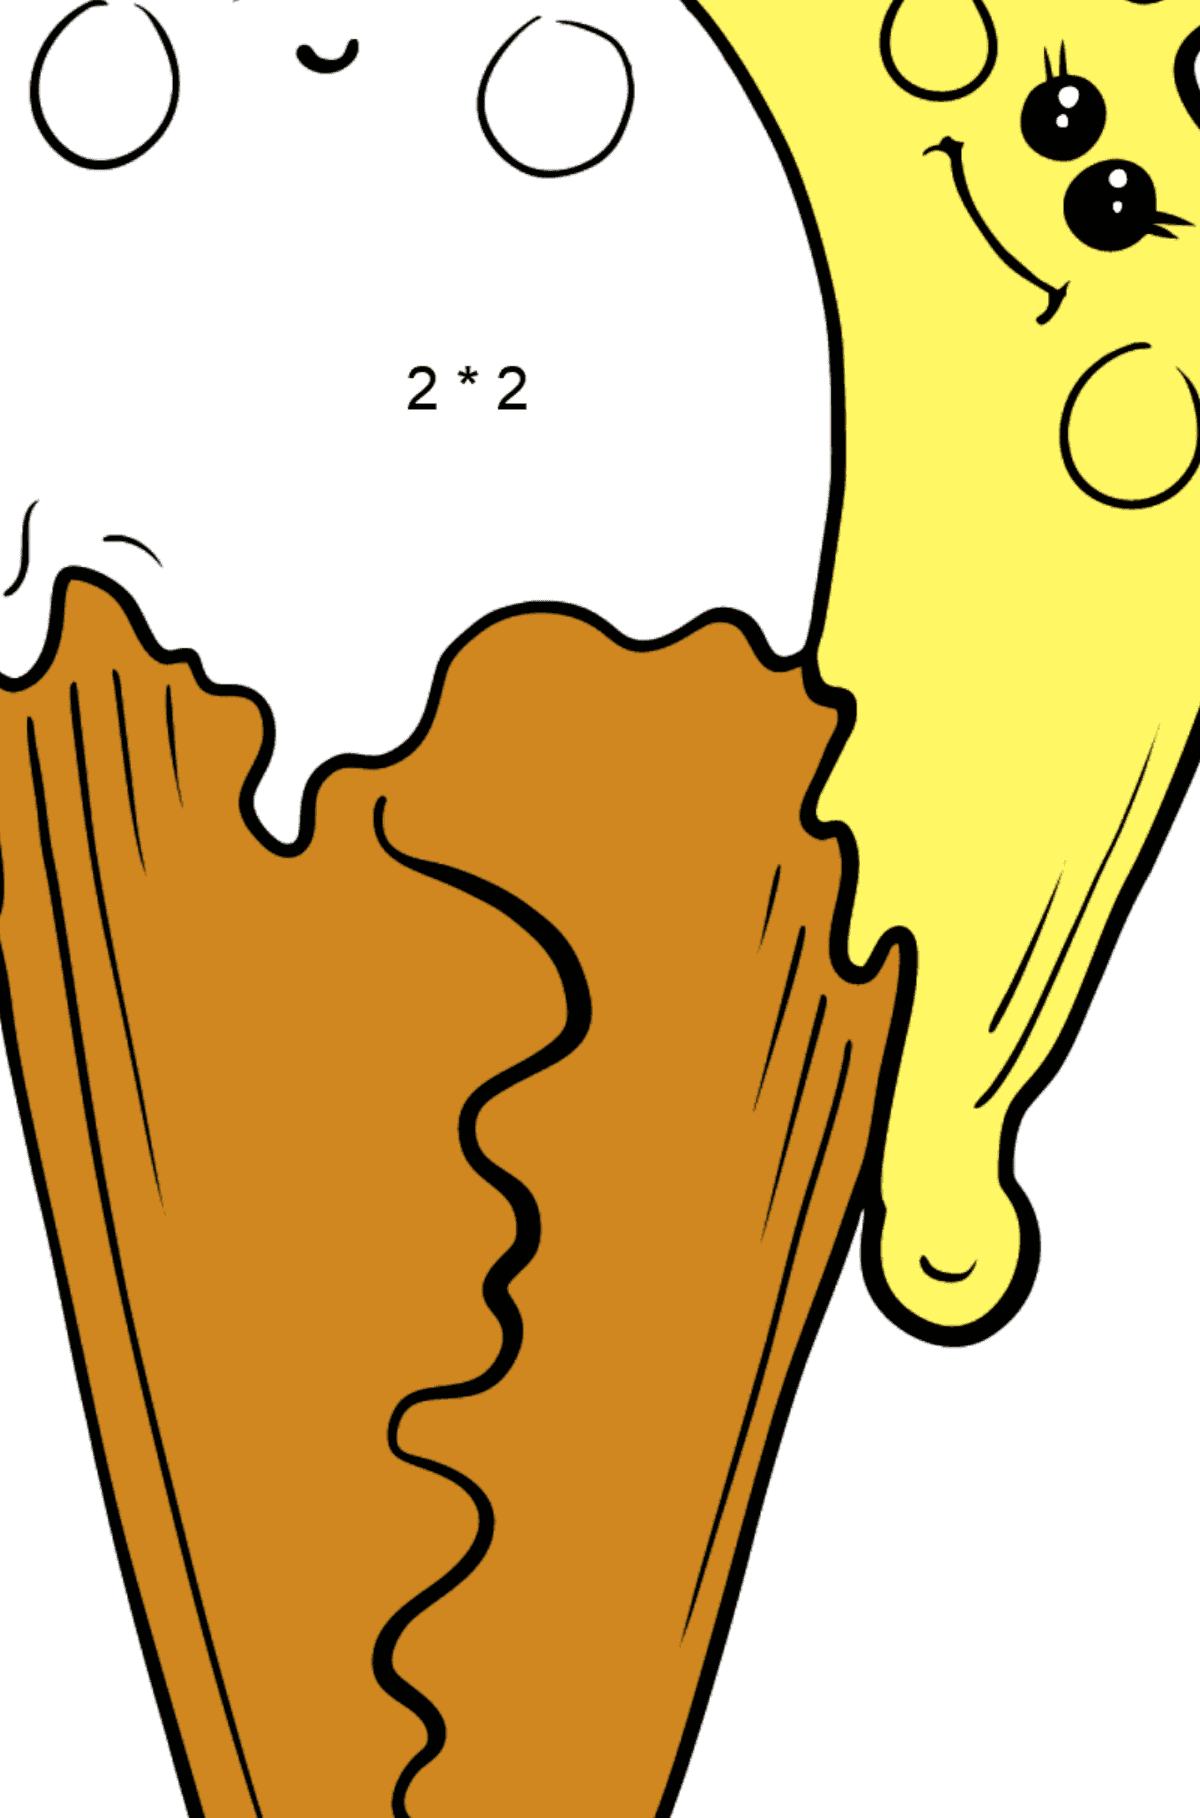 Раскраска кавайное мороженое - банан и клубника - Математическая Раскраска - Умножение для Детей